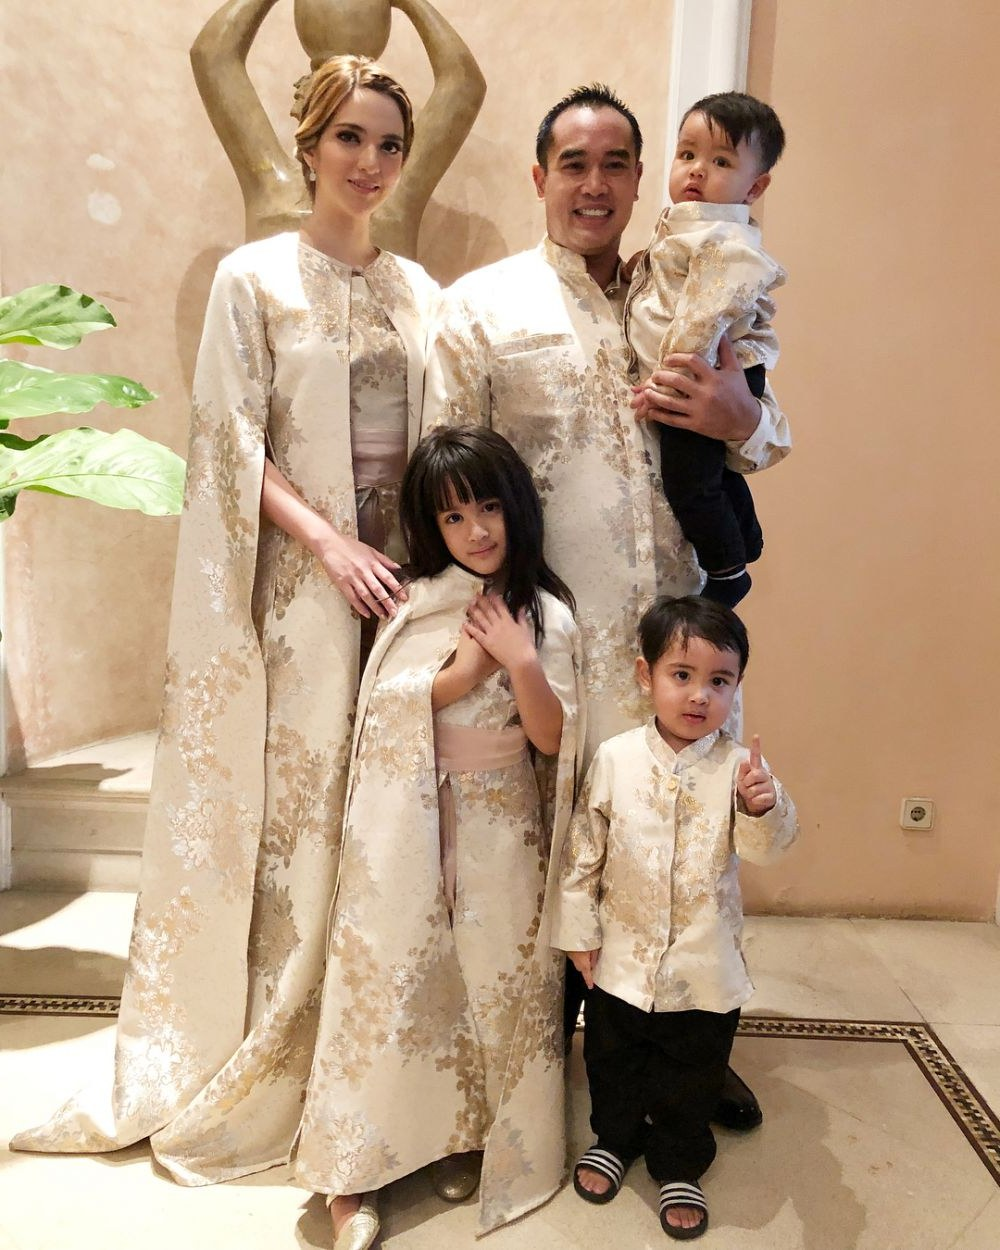 Inspirasi Baju Lebaran Kembar Keluarga Ftd8 Potret 16 Seleb Pakai Baju Kembaran Saat Lebaran Kompak Abis